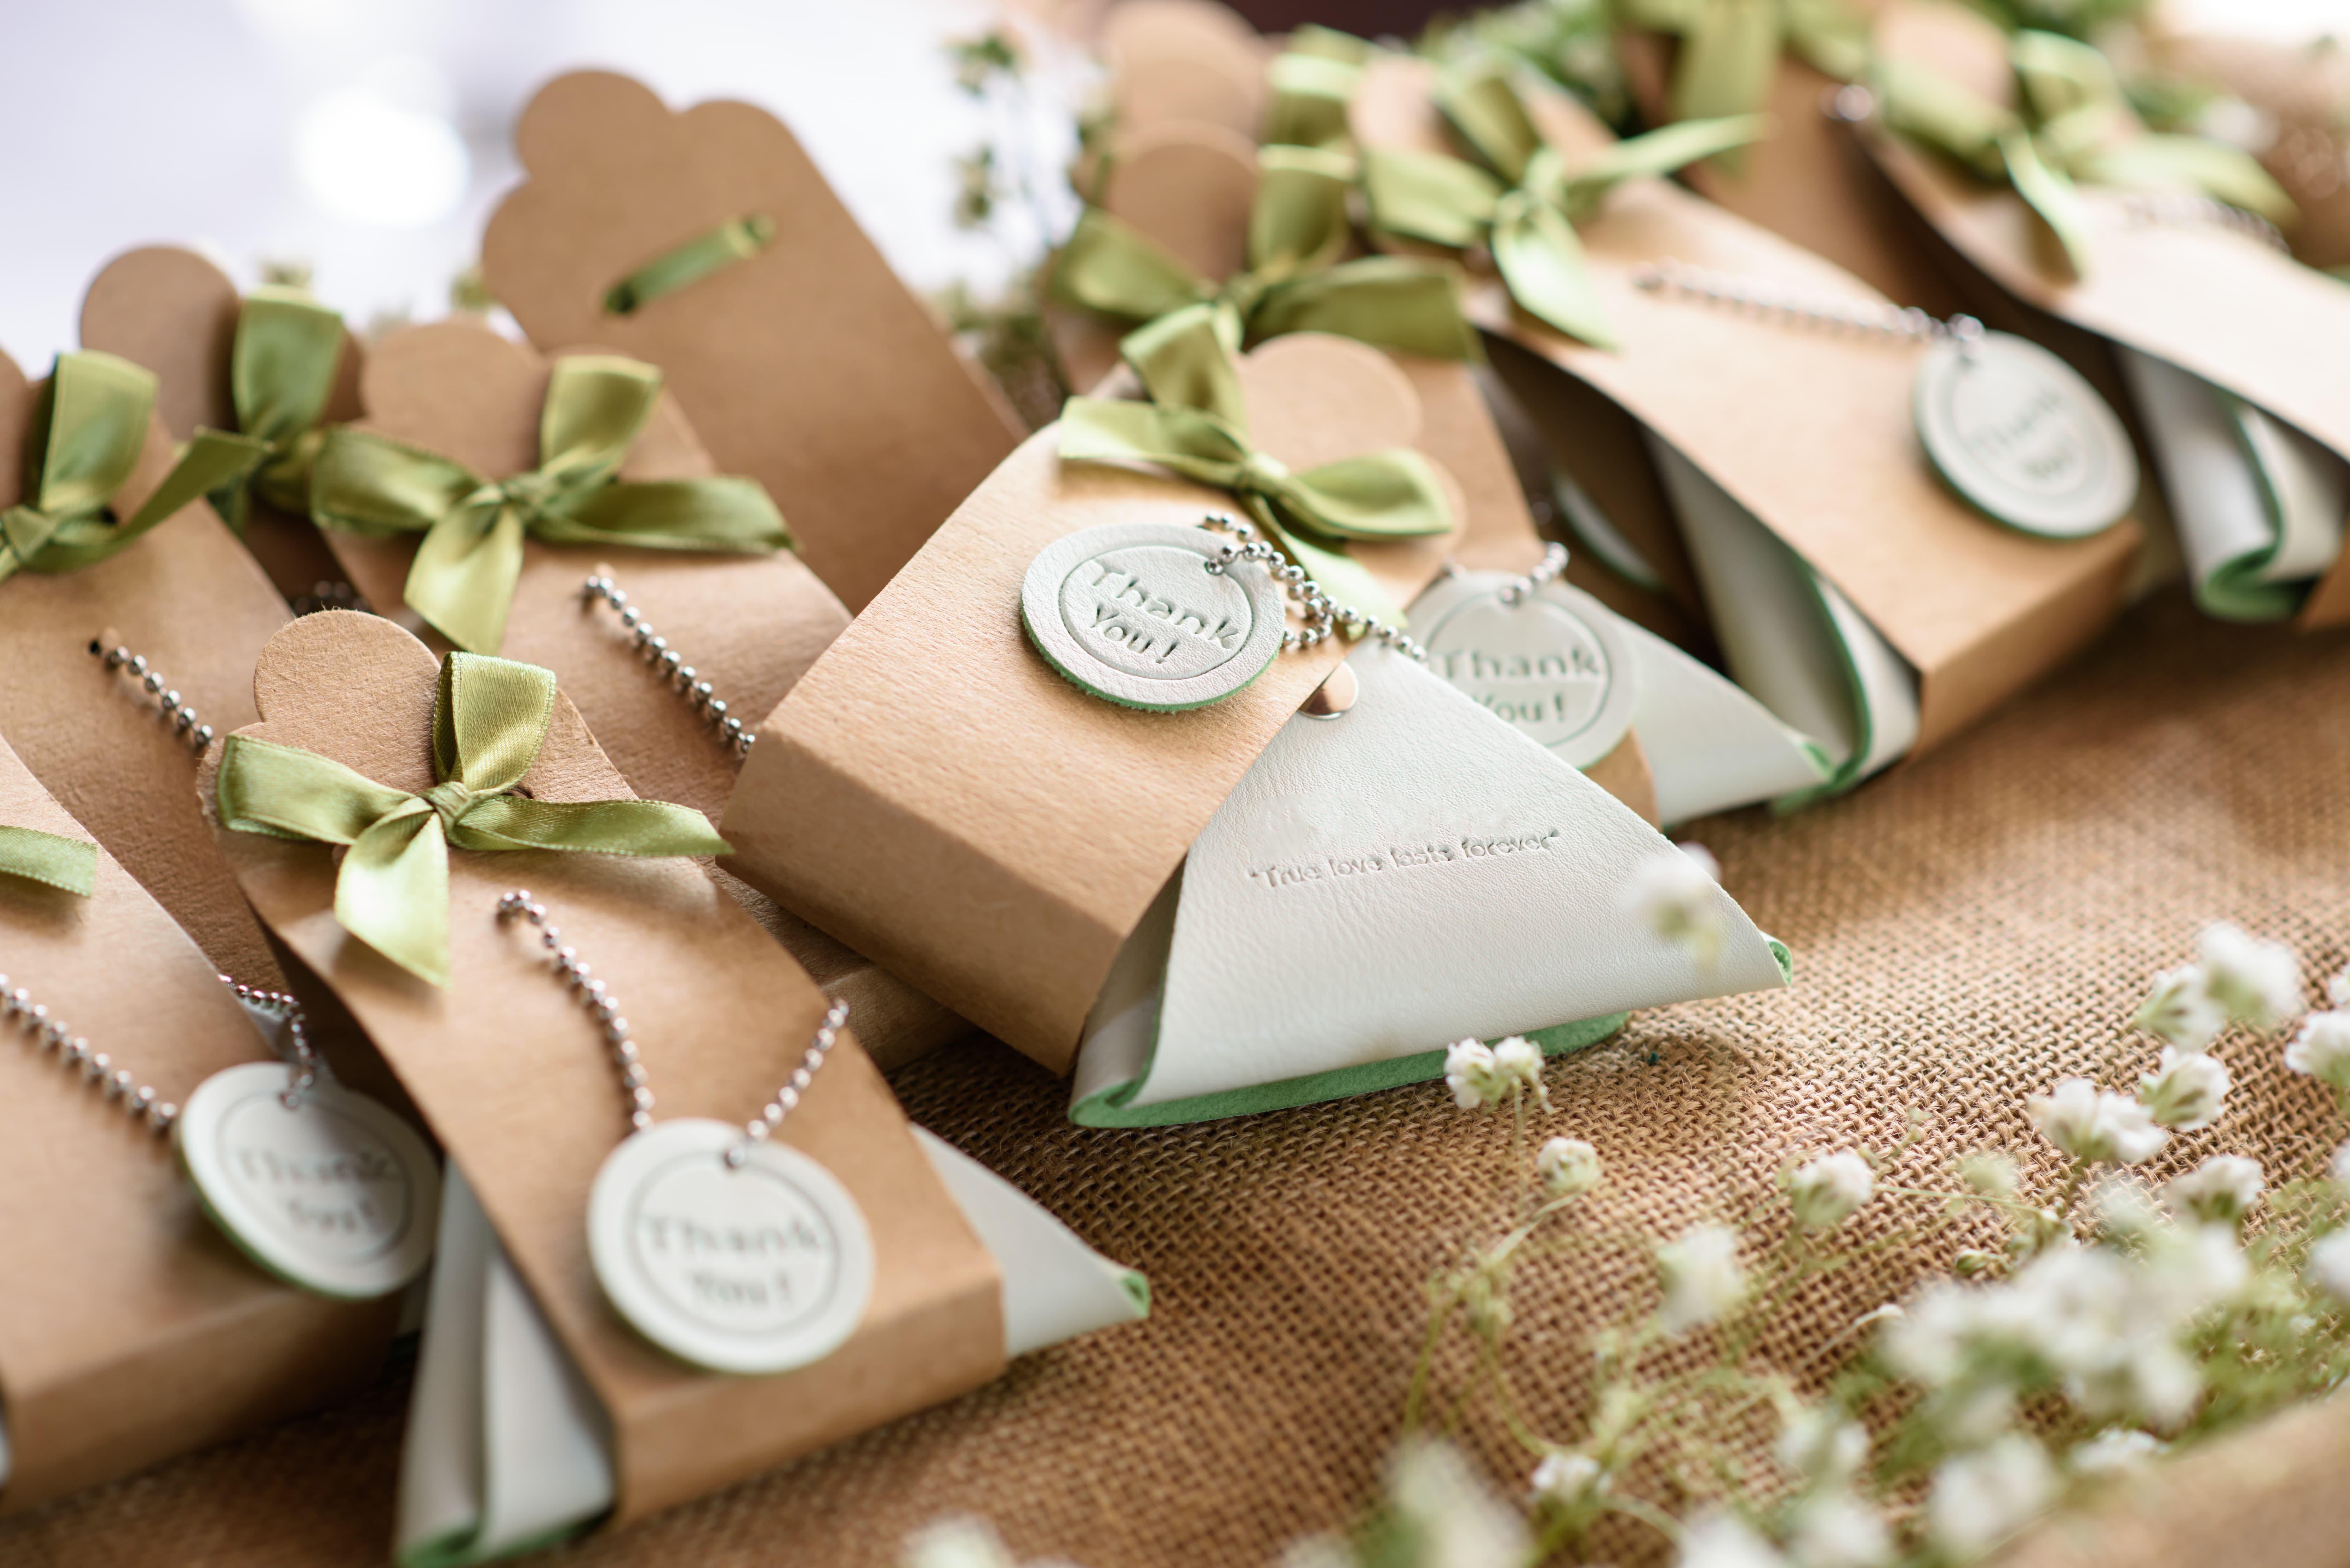 Regala detalles de recuerdo para los invitados de tu boda